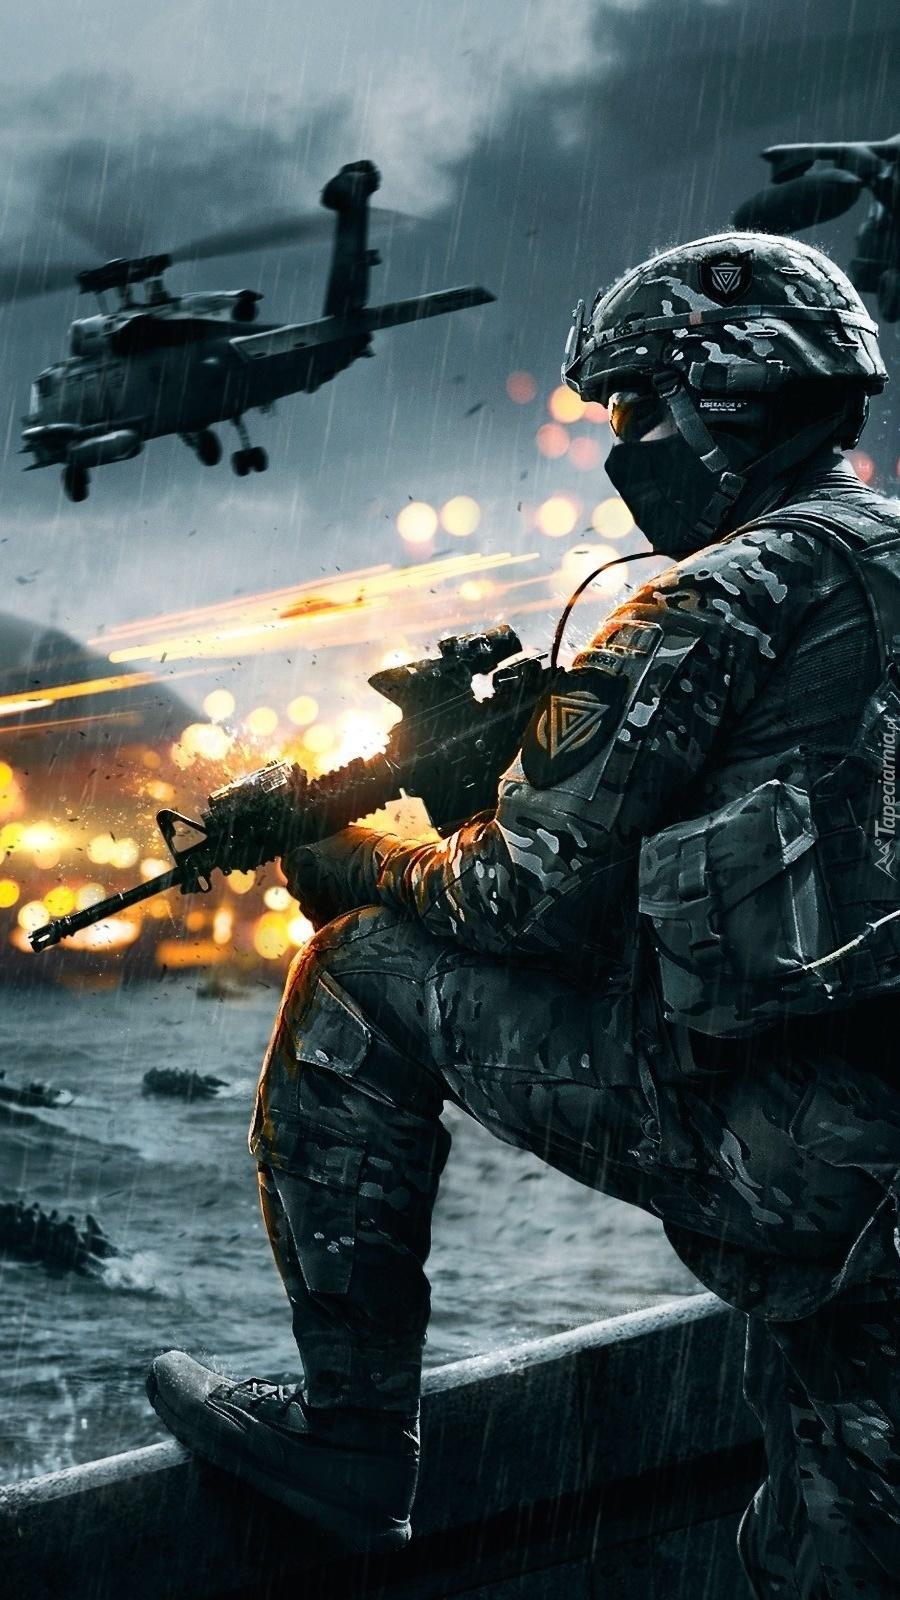 Żołnierz w akcji